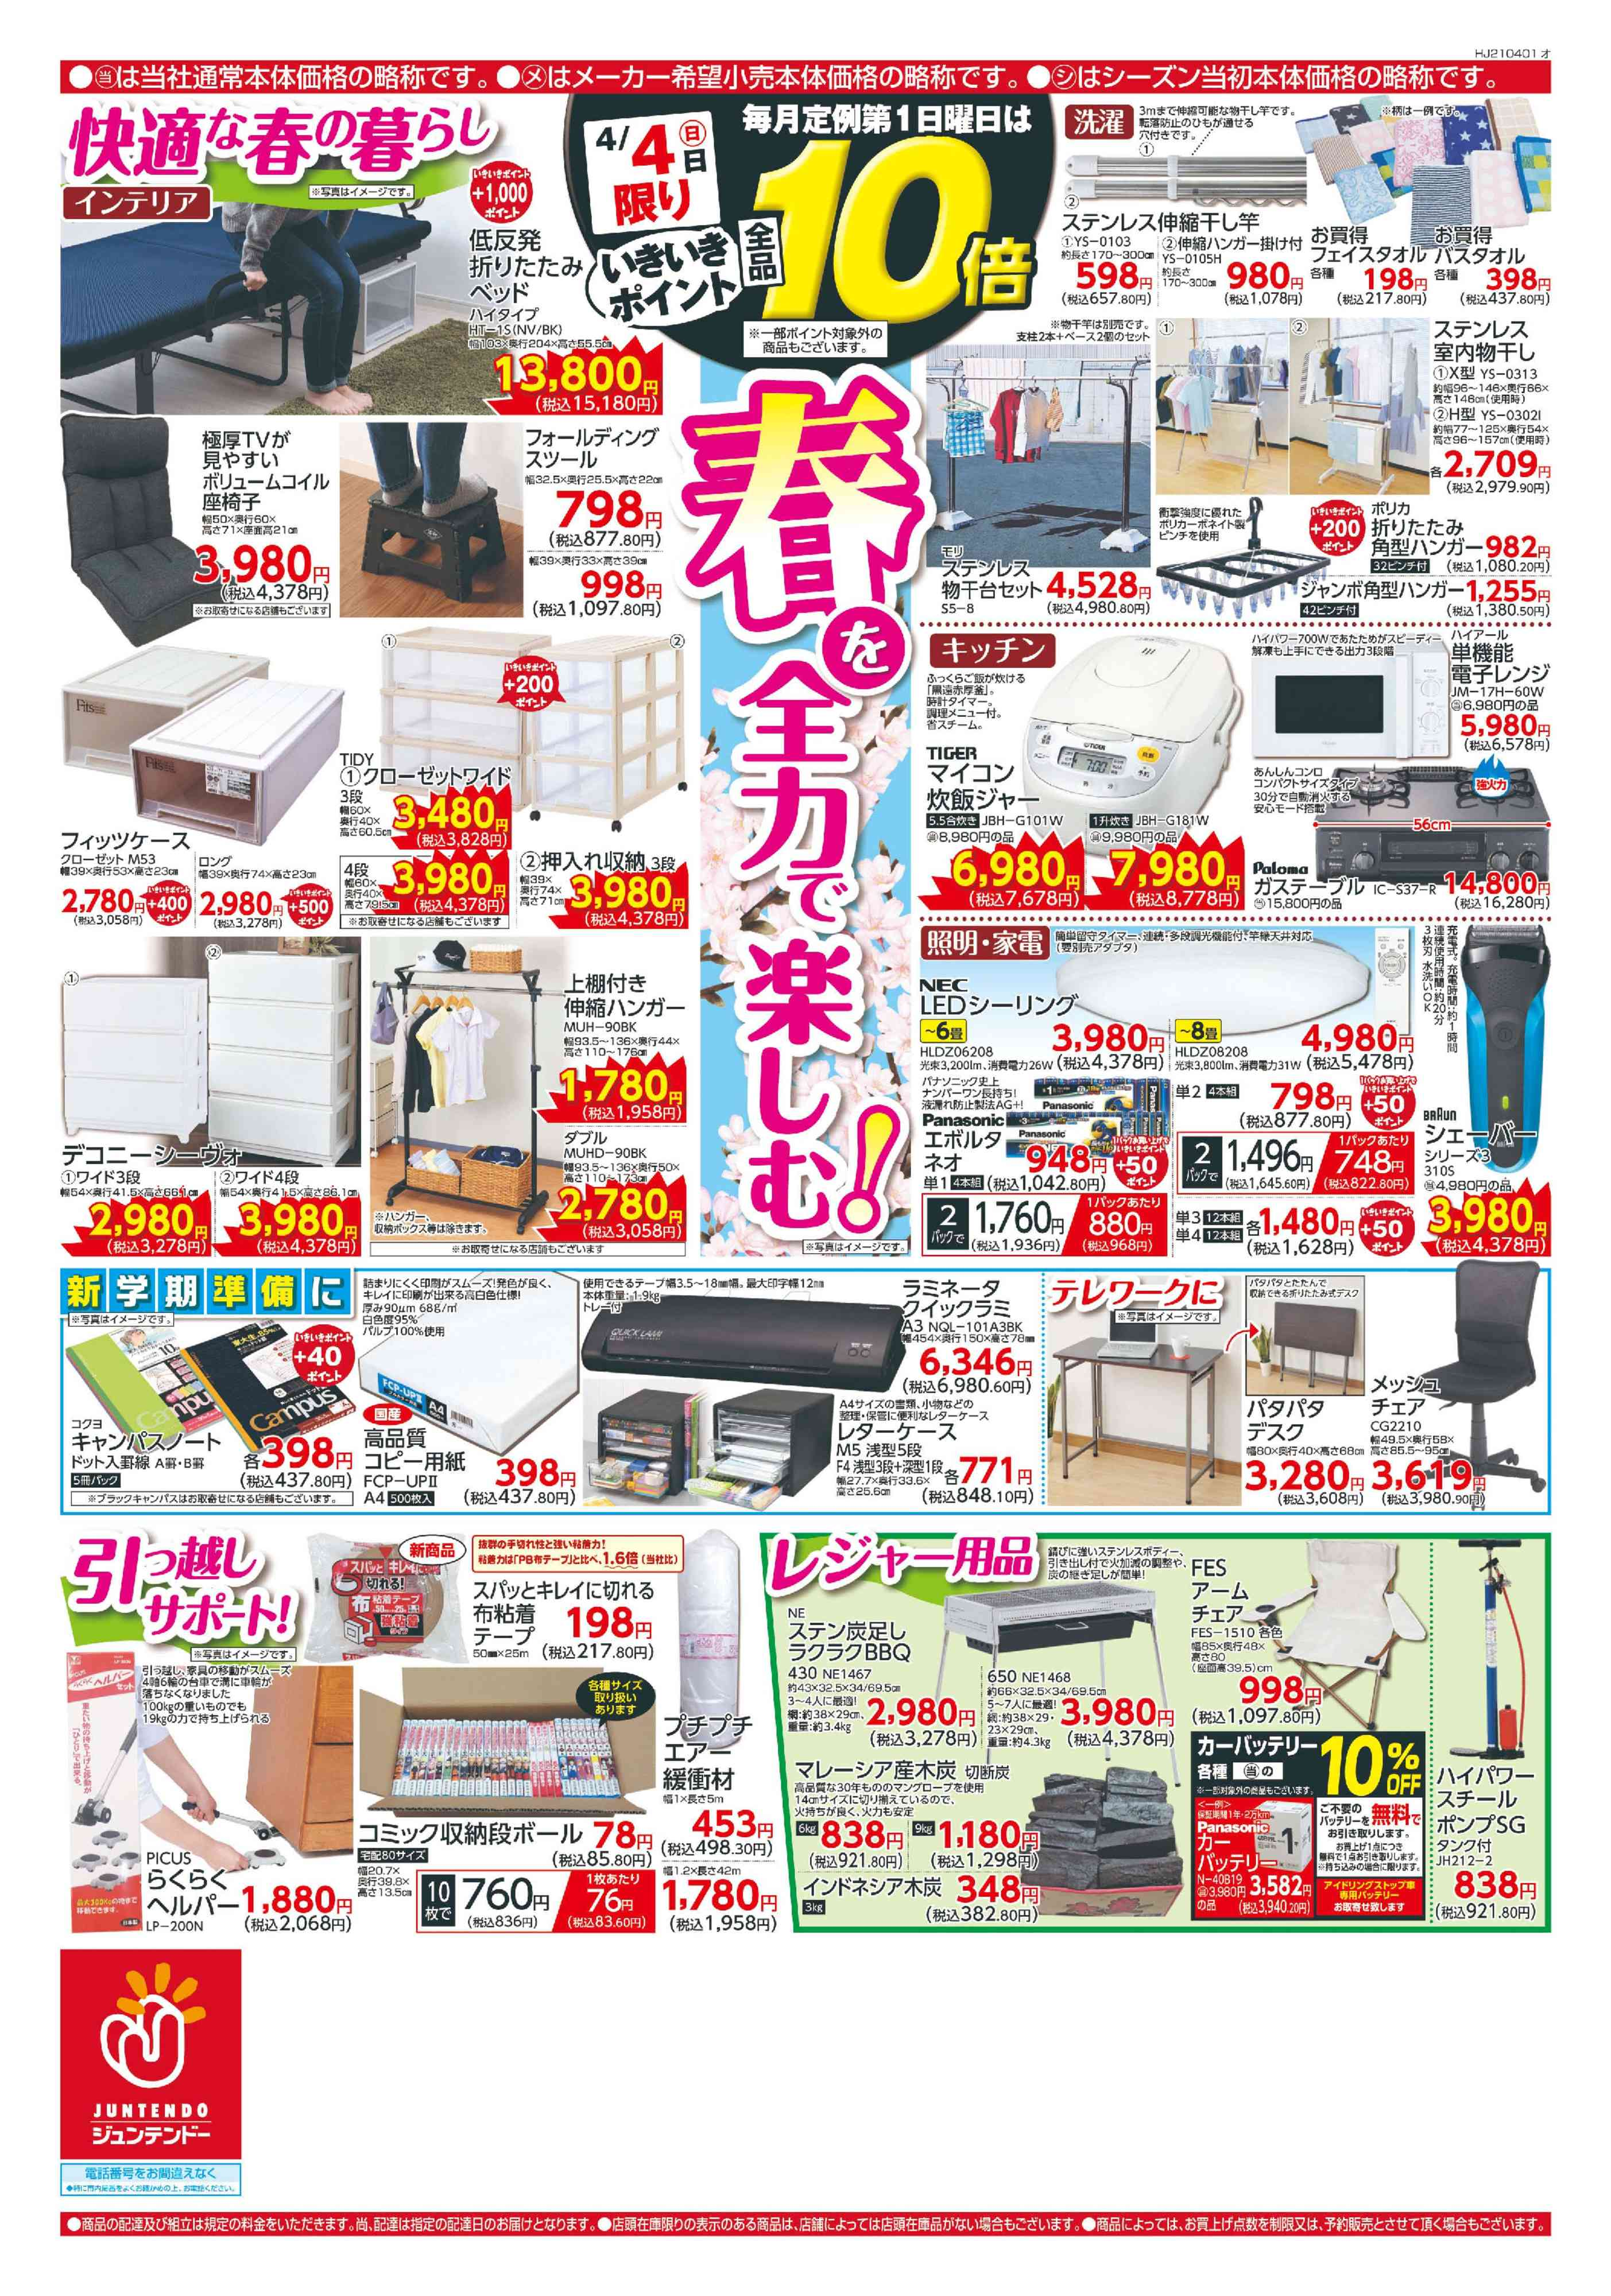 チラシ 売り出し 松 源 ヤマダ電機のチラシ掲載店舗・企業|シュフー Shufoo!